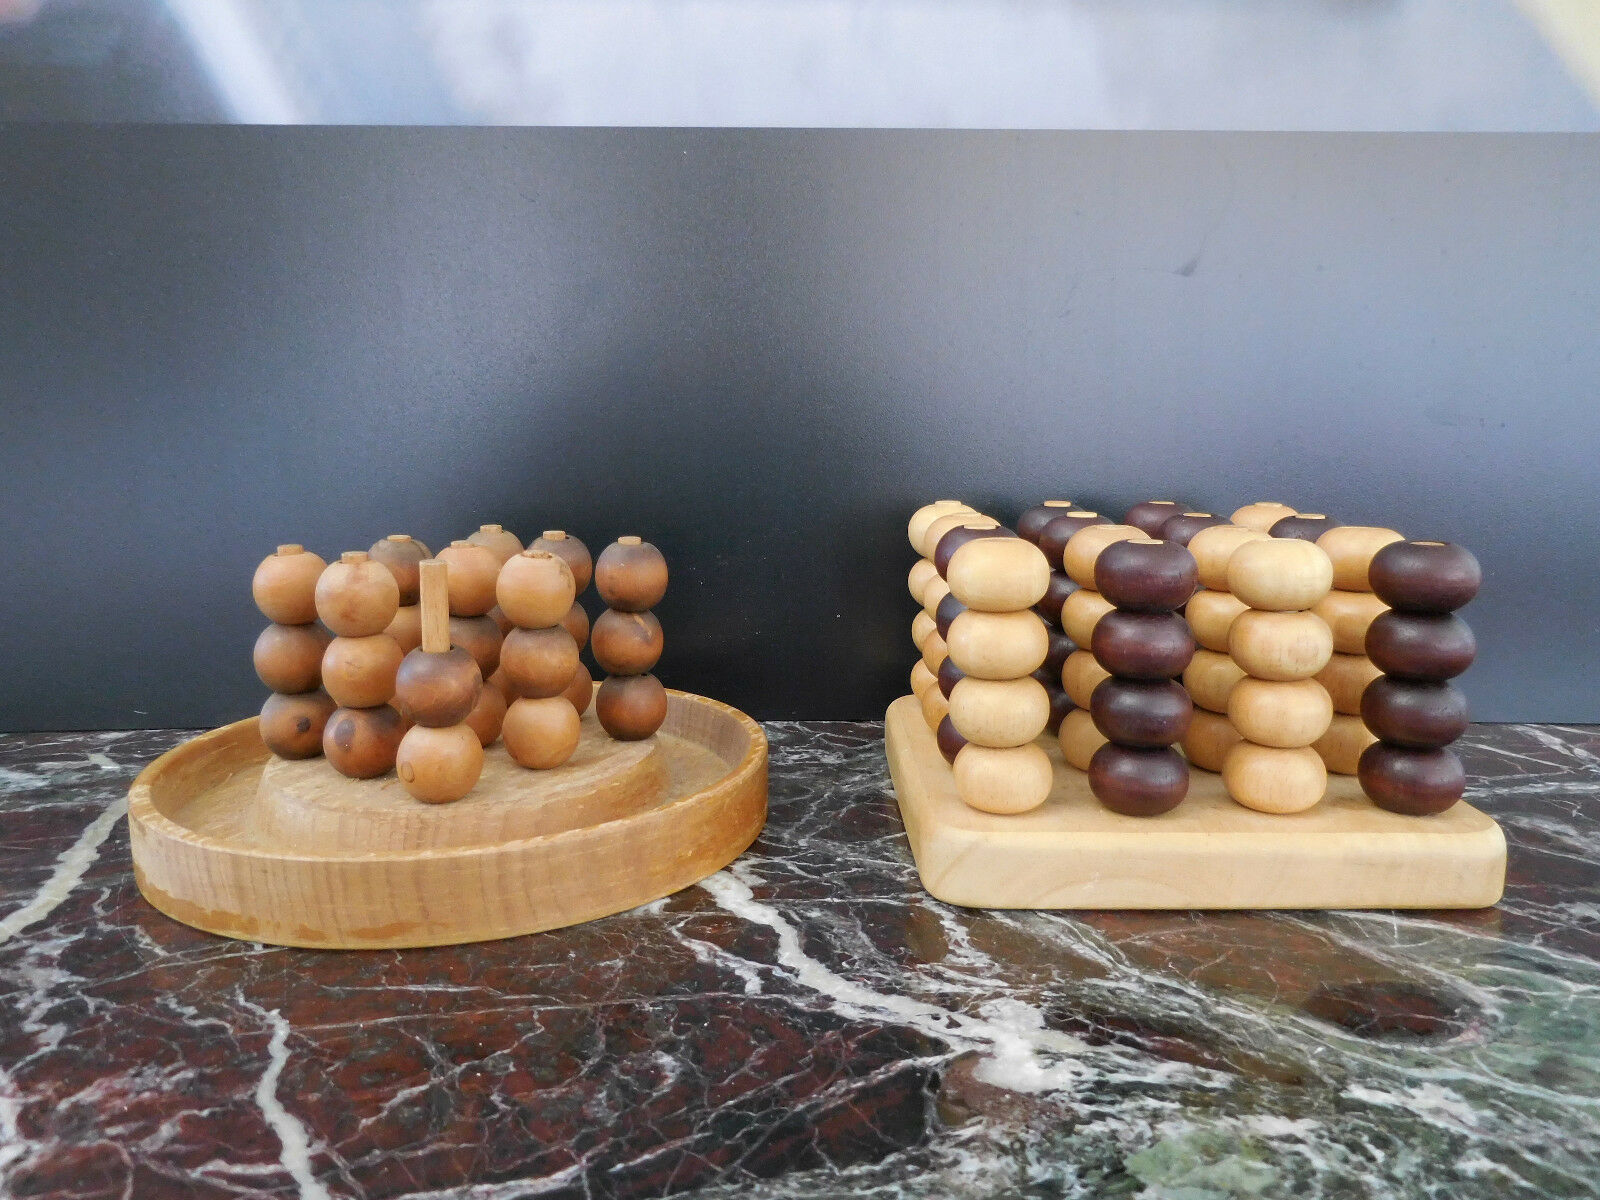 Jeux de stratégie du morpion 3D en bois CURIOSITY by PN